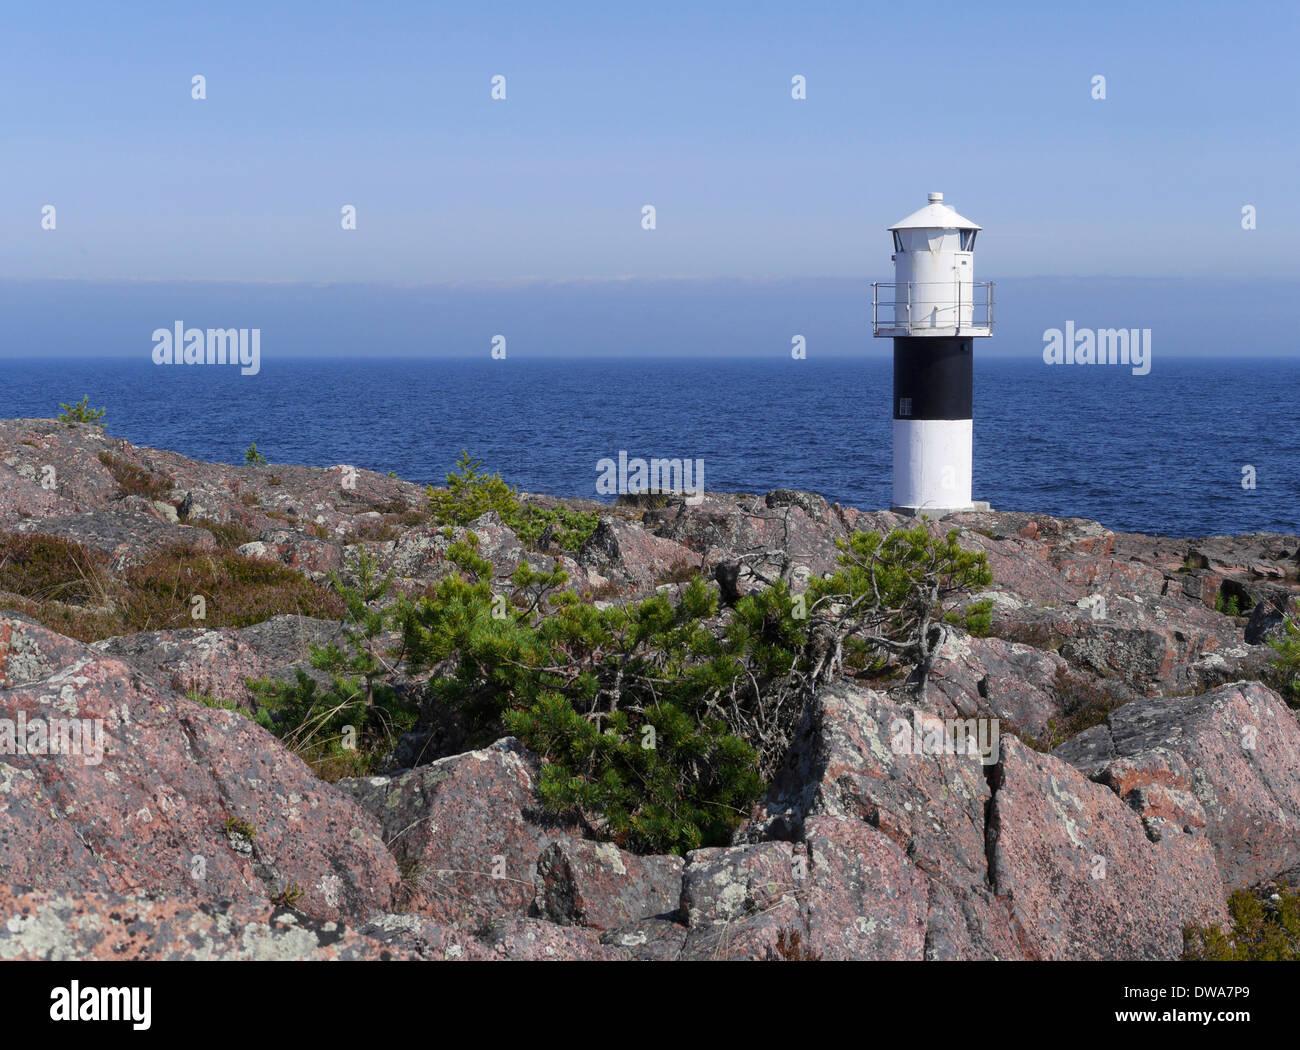 ytternäsen fyr, höga kusten, västernorrlands län, bottnischer meerbusen, schweden - Stock Image